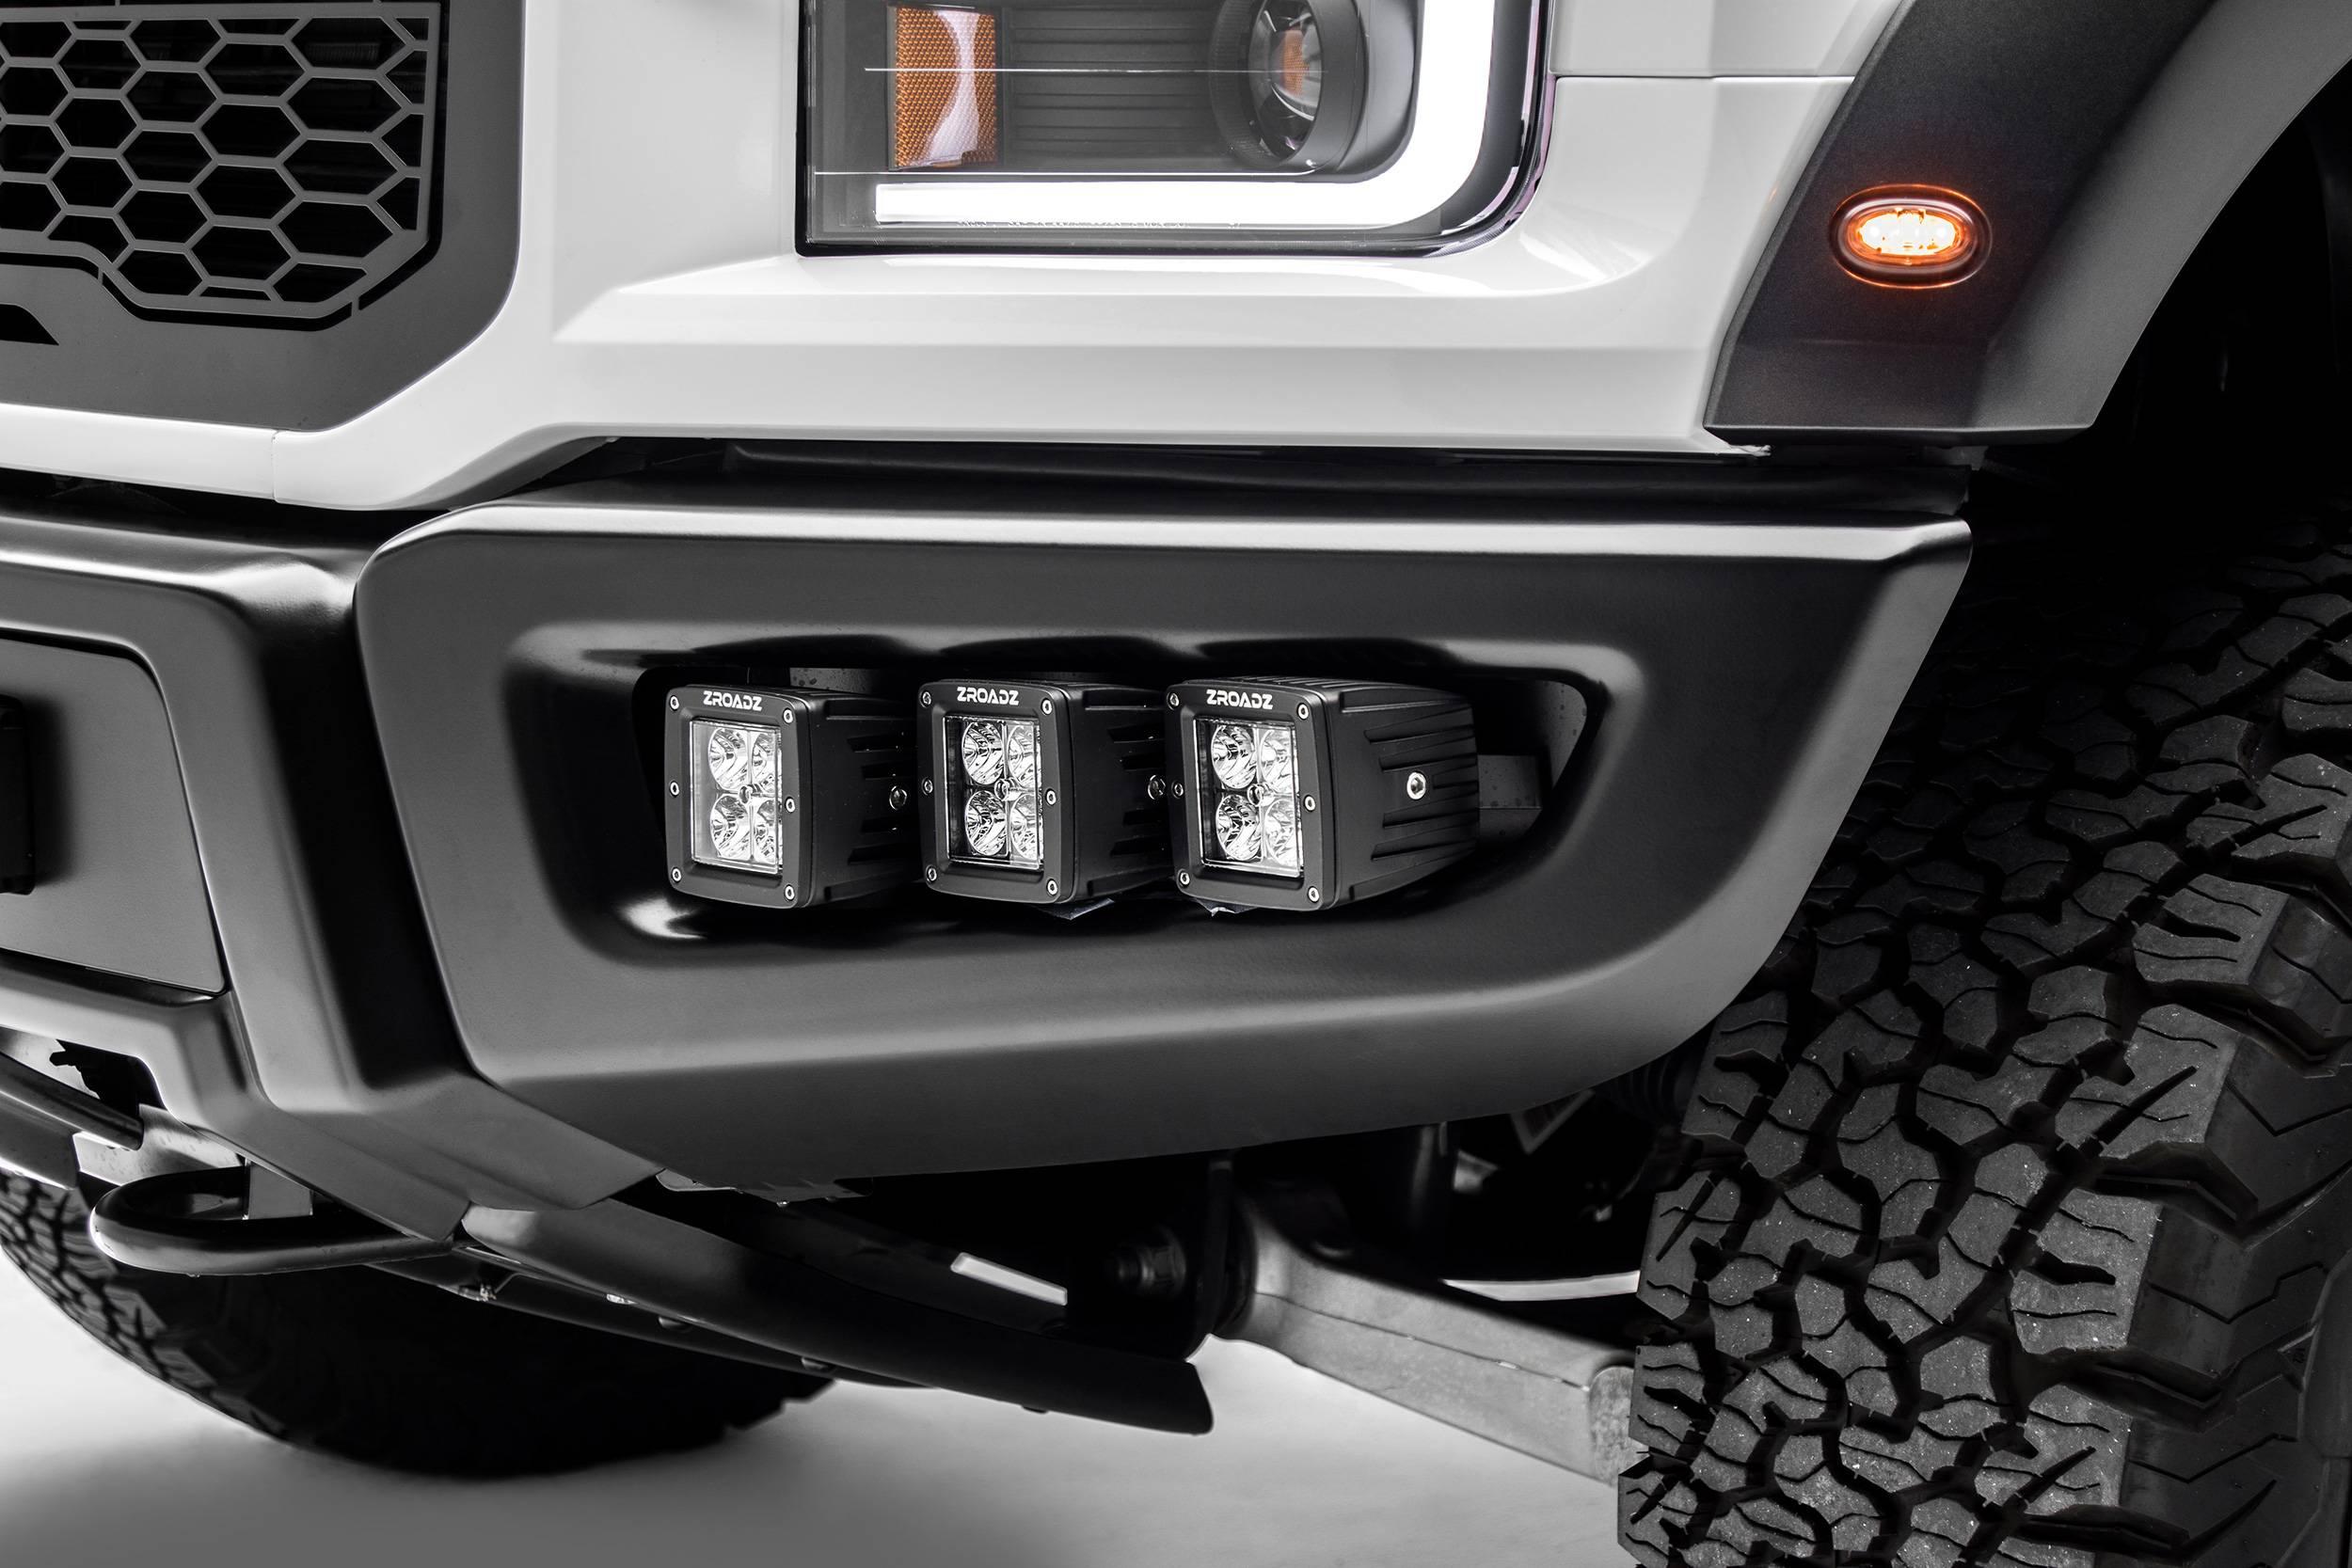 2017 2021 Ford F 150 Raptor Front Bumper Oem Fog Led Kit With 6 3 Inch Led Pod Lights Pn Z325652 Kit